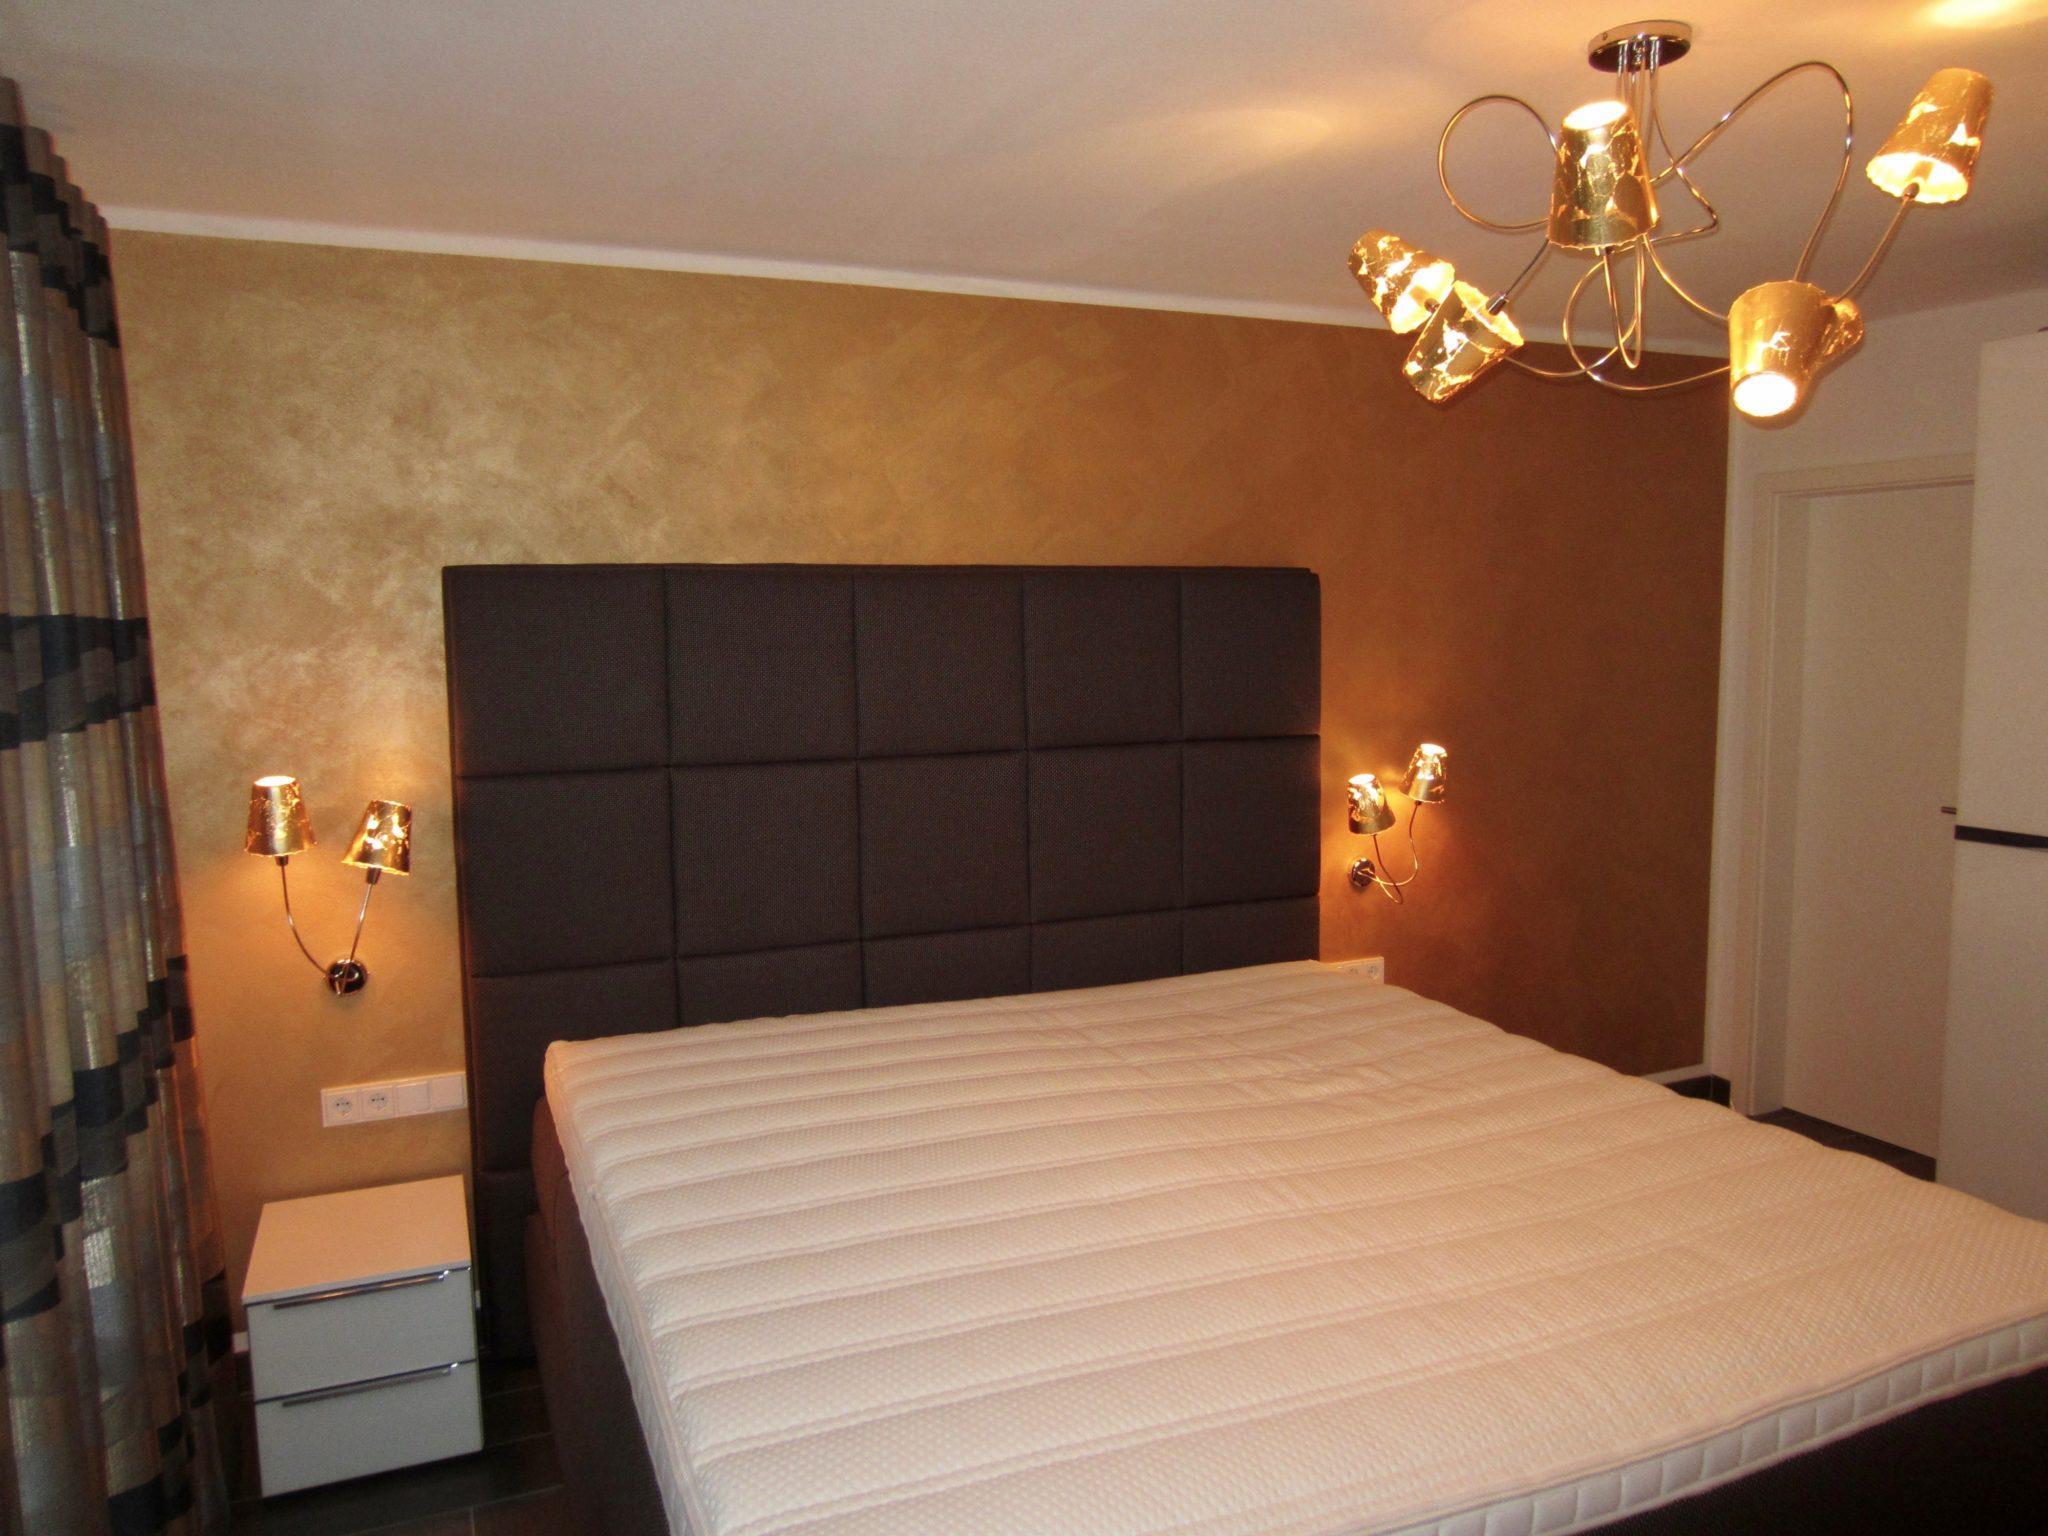 Schlafzimmer Gestaltung Einrichtung Trebes